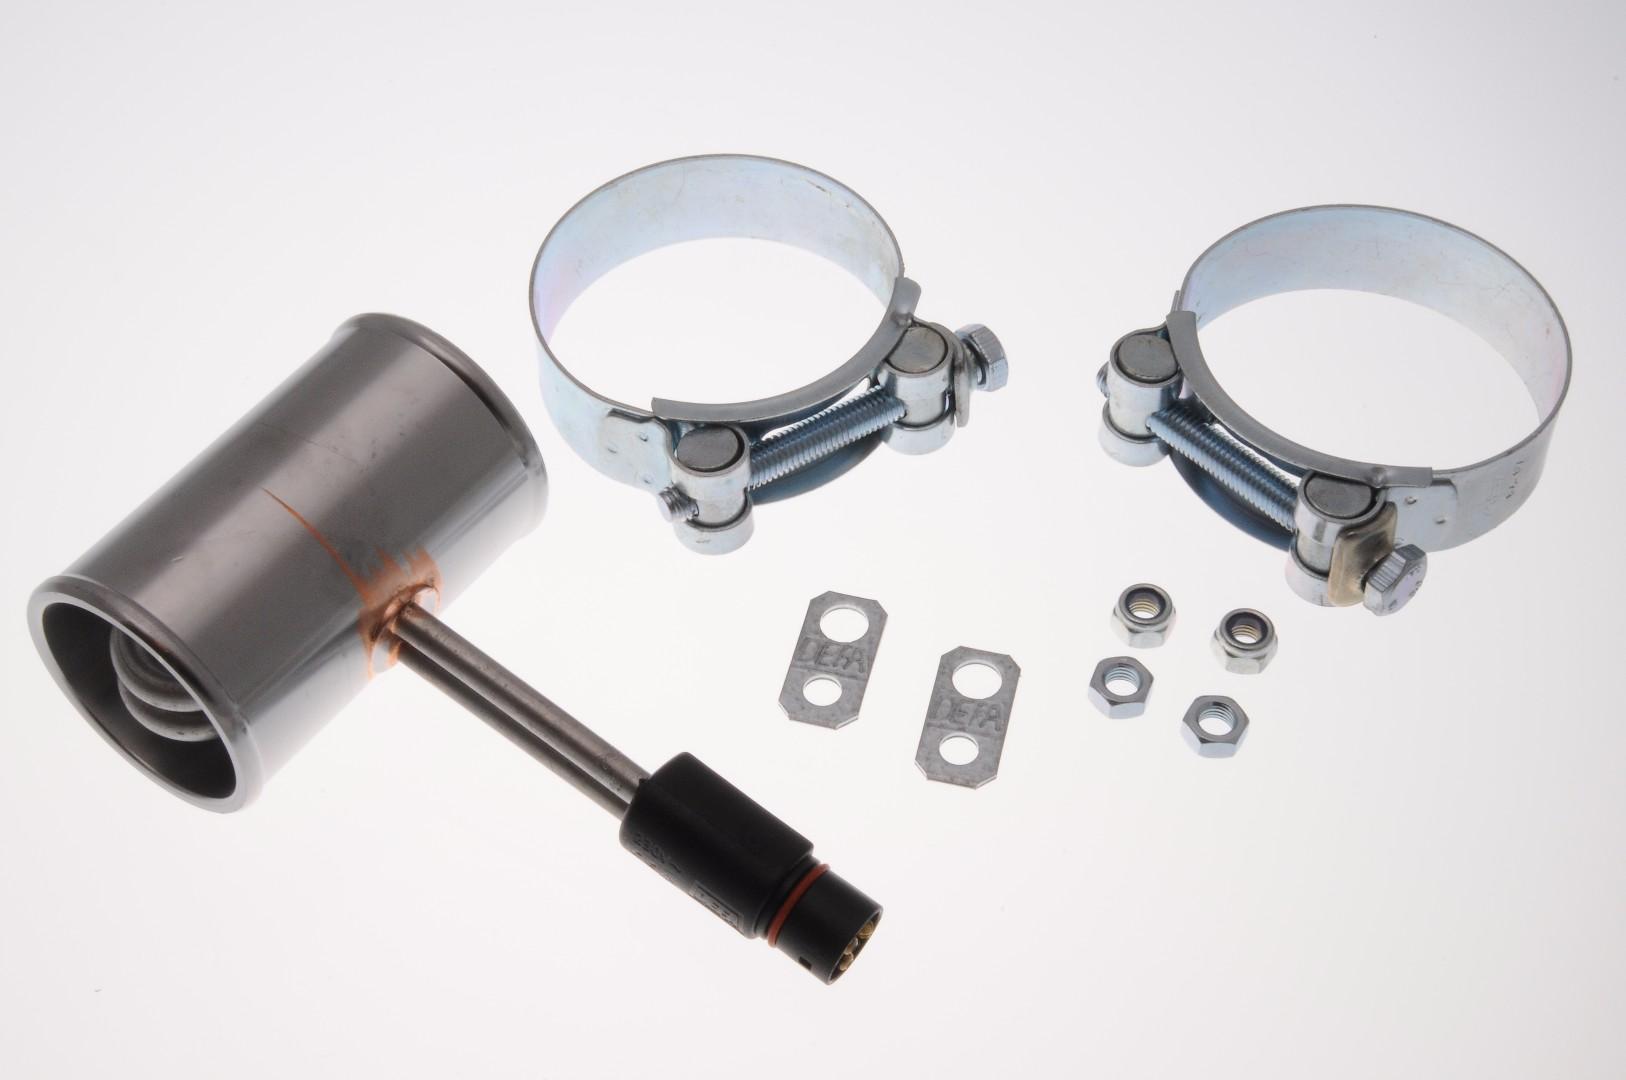 Предпусковой подогреватель двигателя: виды, плюсы и минусы.